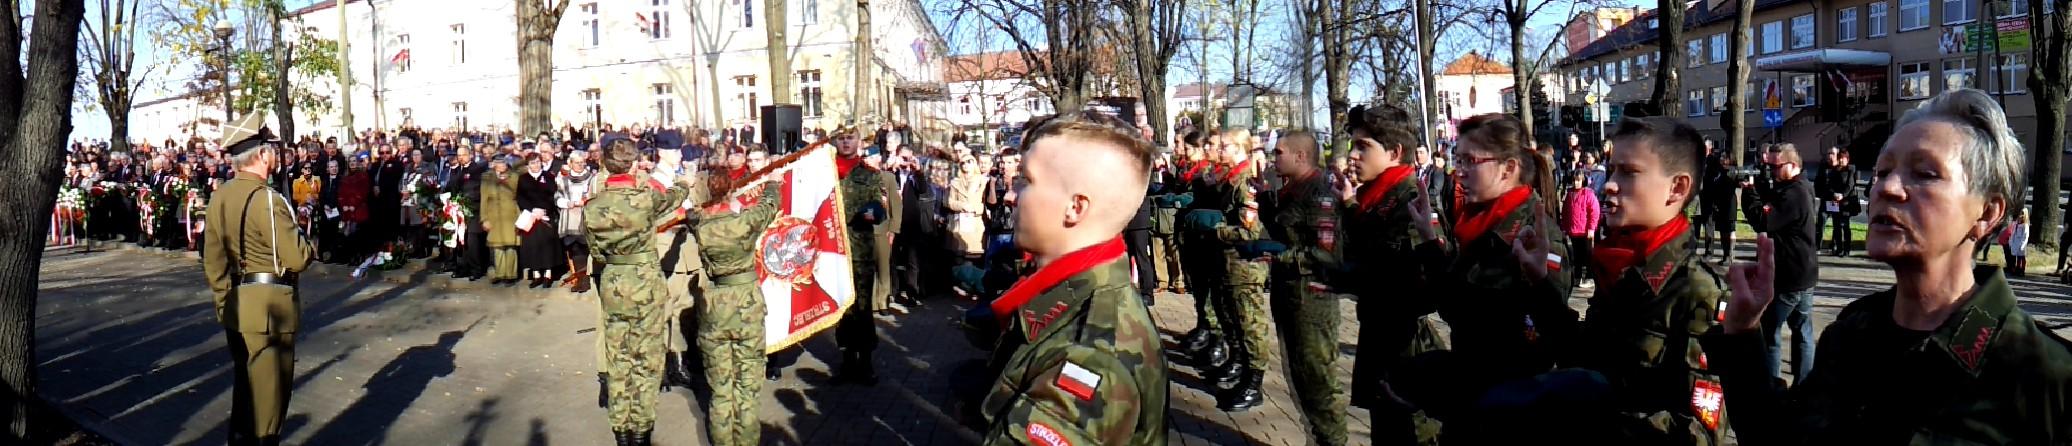 11listopada2014 DabrowaTarnowska 2 Dąbrowskie obchody 96 Rocznicy Odzyskania Niepodległości przez Polskę